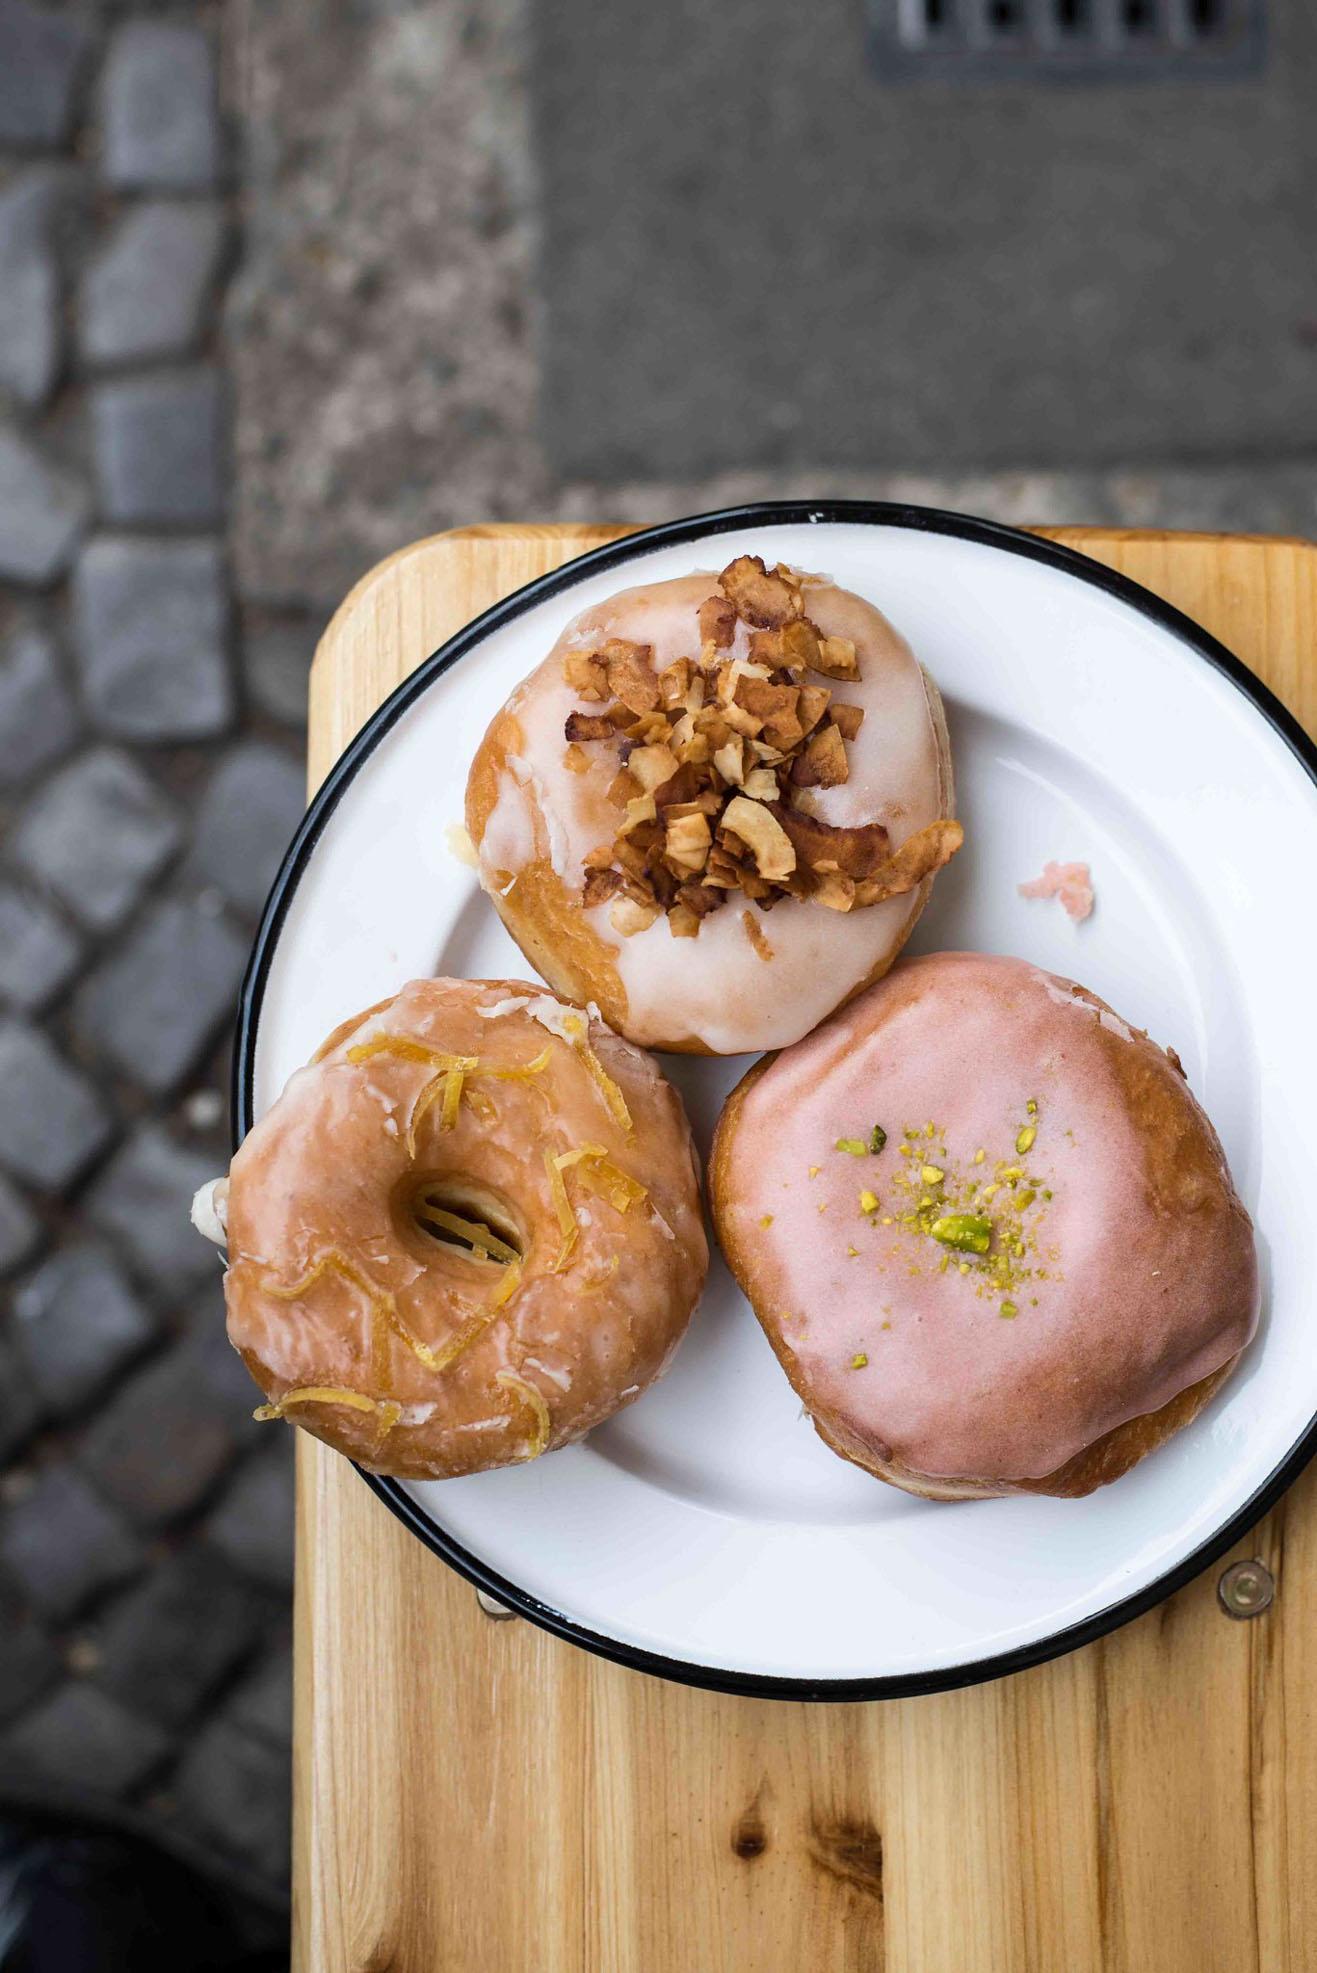 Vegane Donuts von Brammibal's Donuts in Berlin